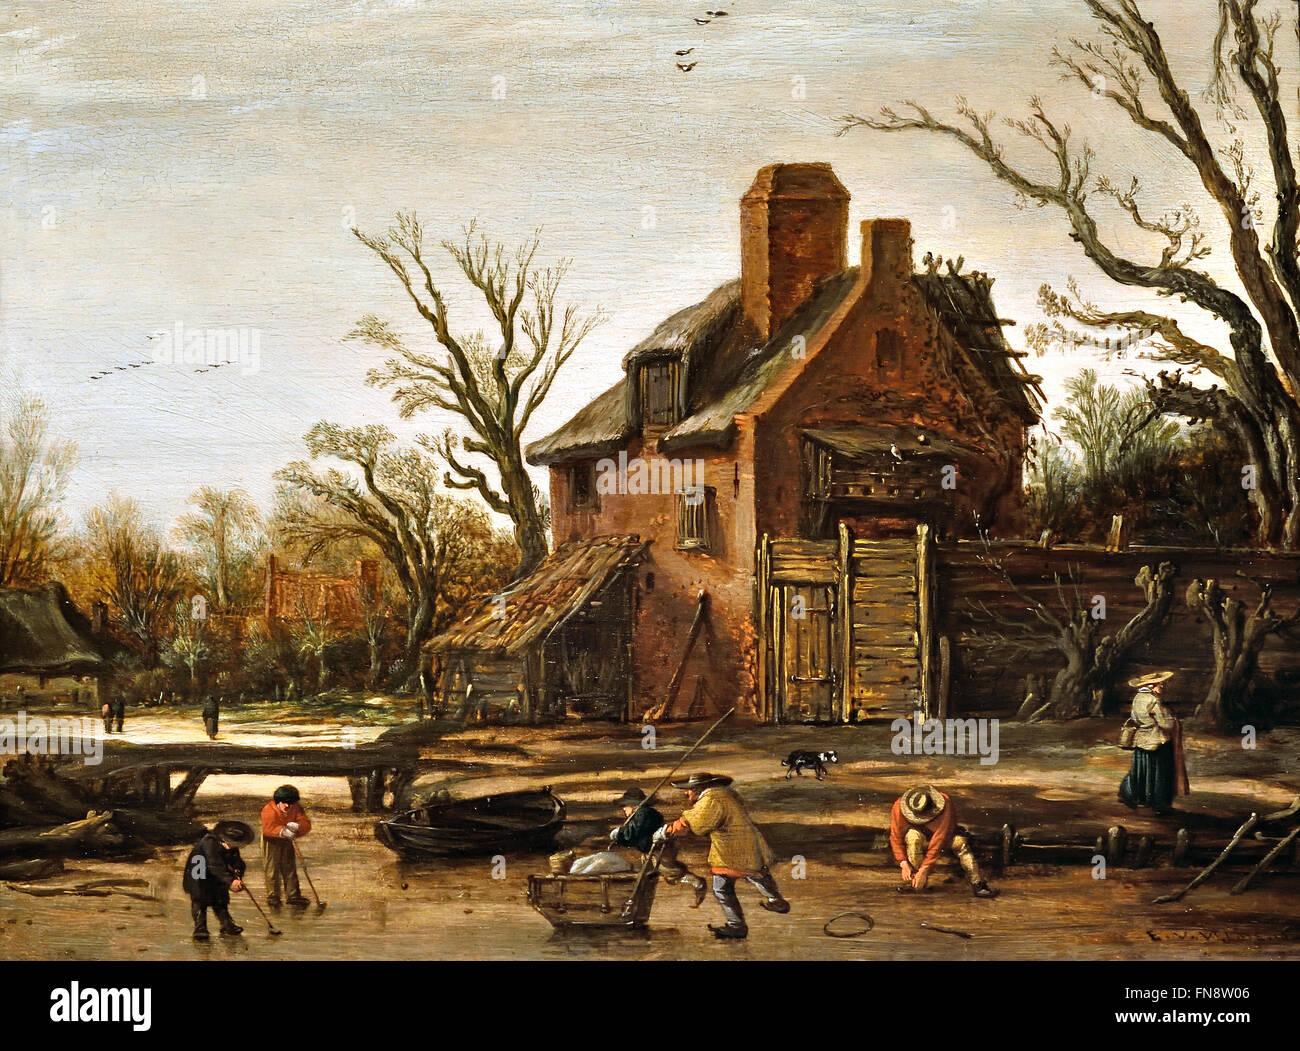 Esaias van de Velde, paisaje de invierno con granja, 1624 Holanda Holandesa está amarrando un hombre sobre Imagen De Stock